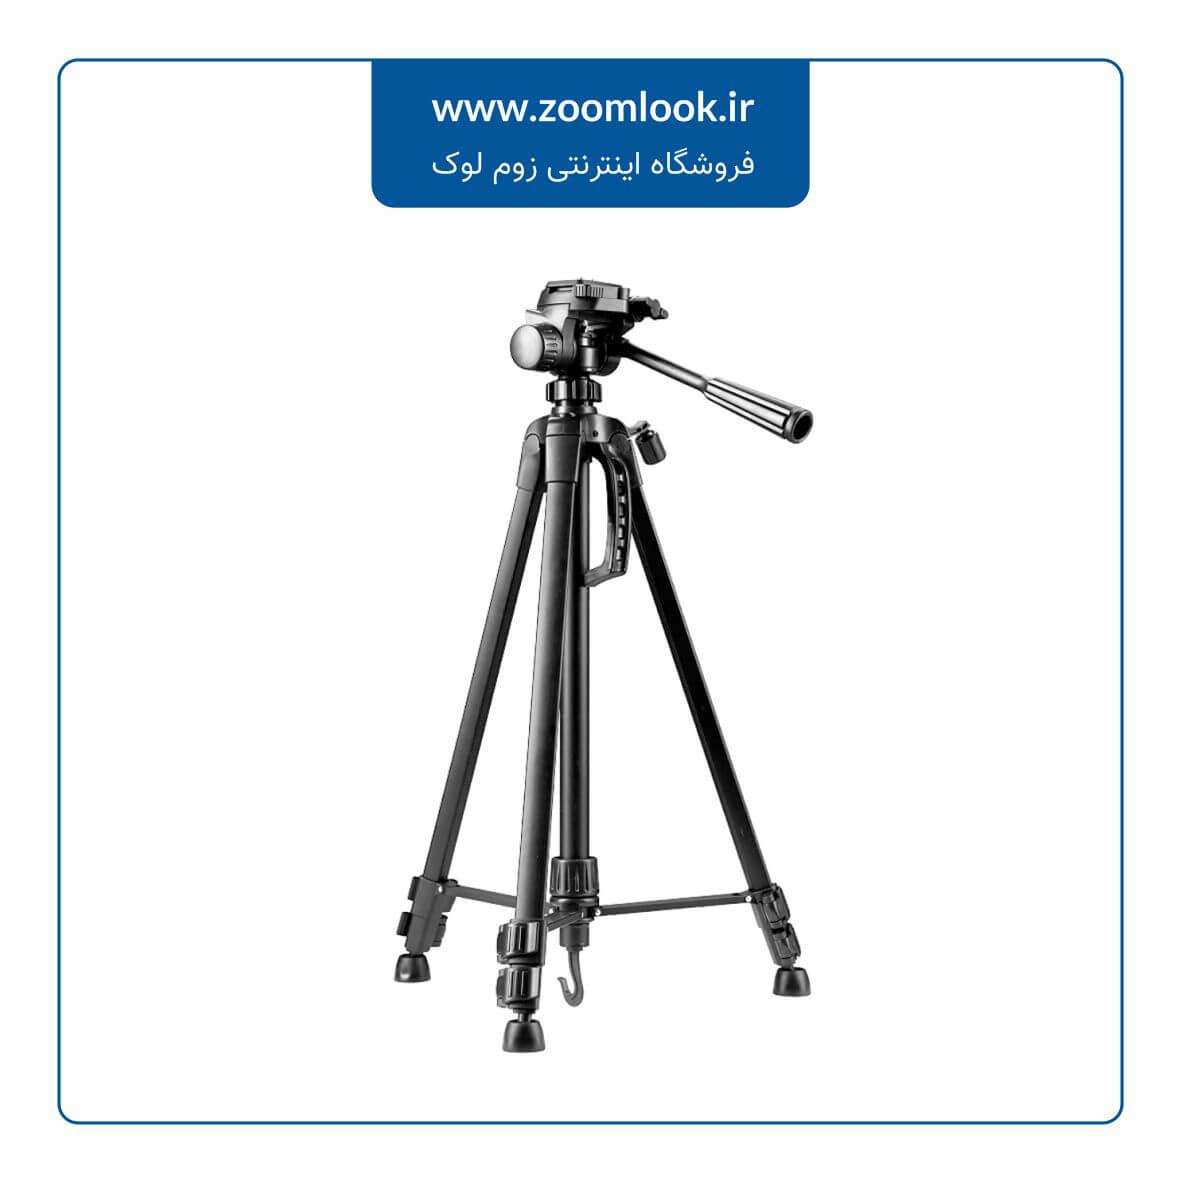 سه پایه دوربین ویفنگ مدل WF-3520